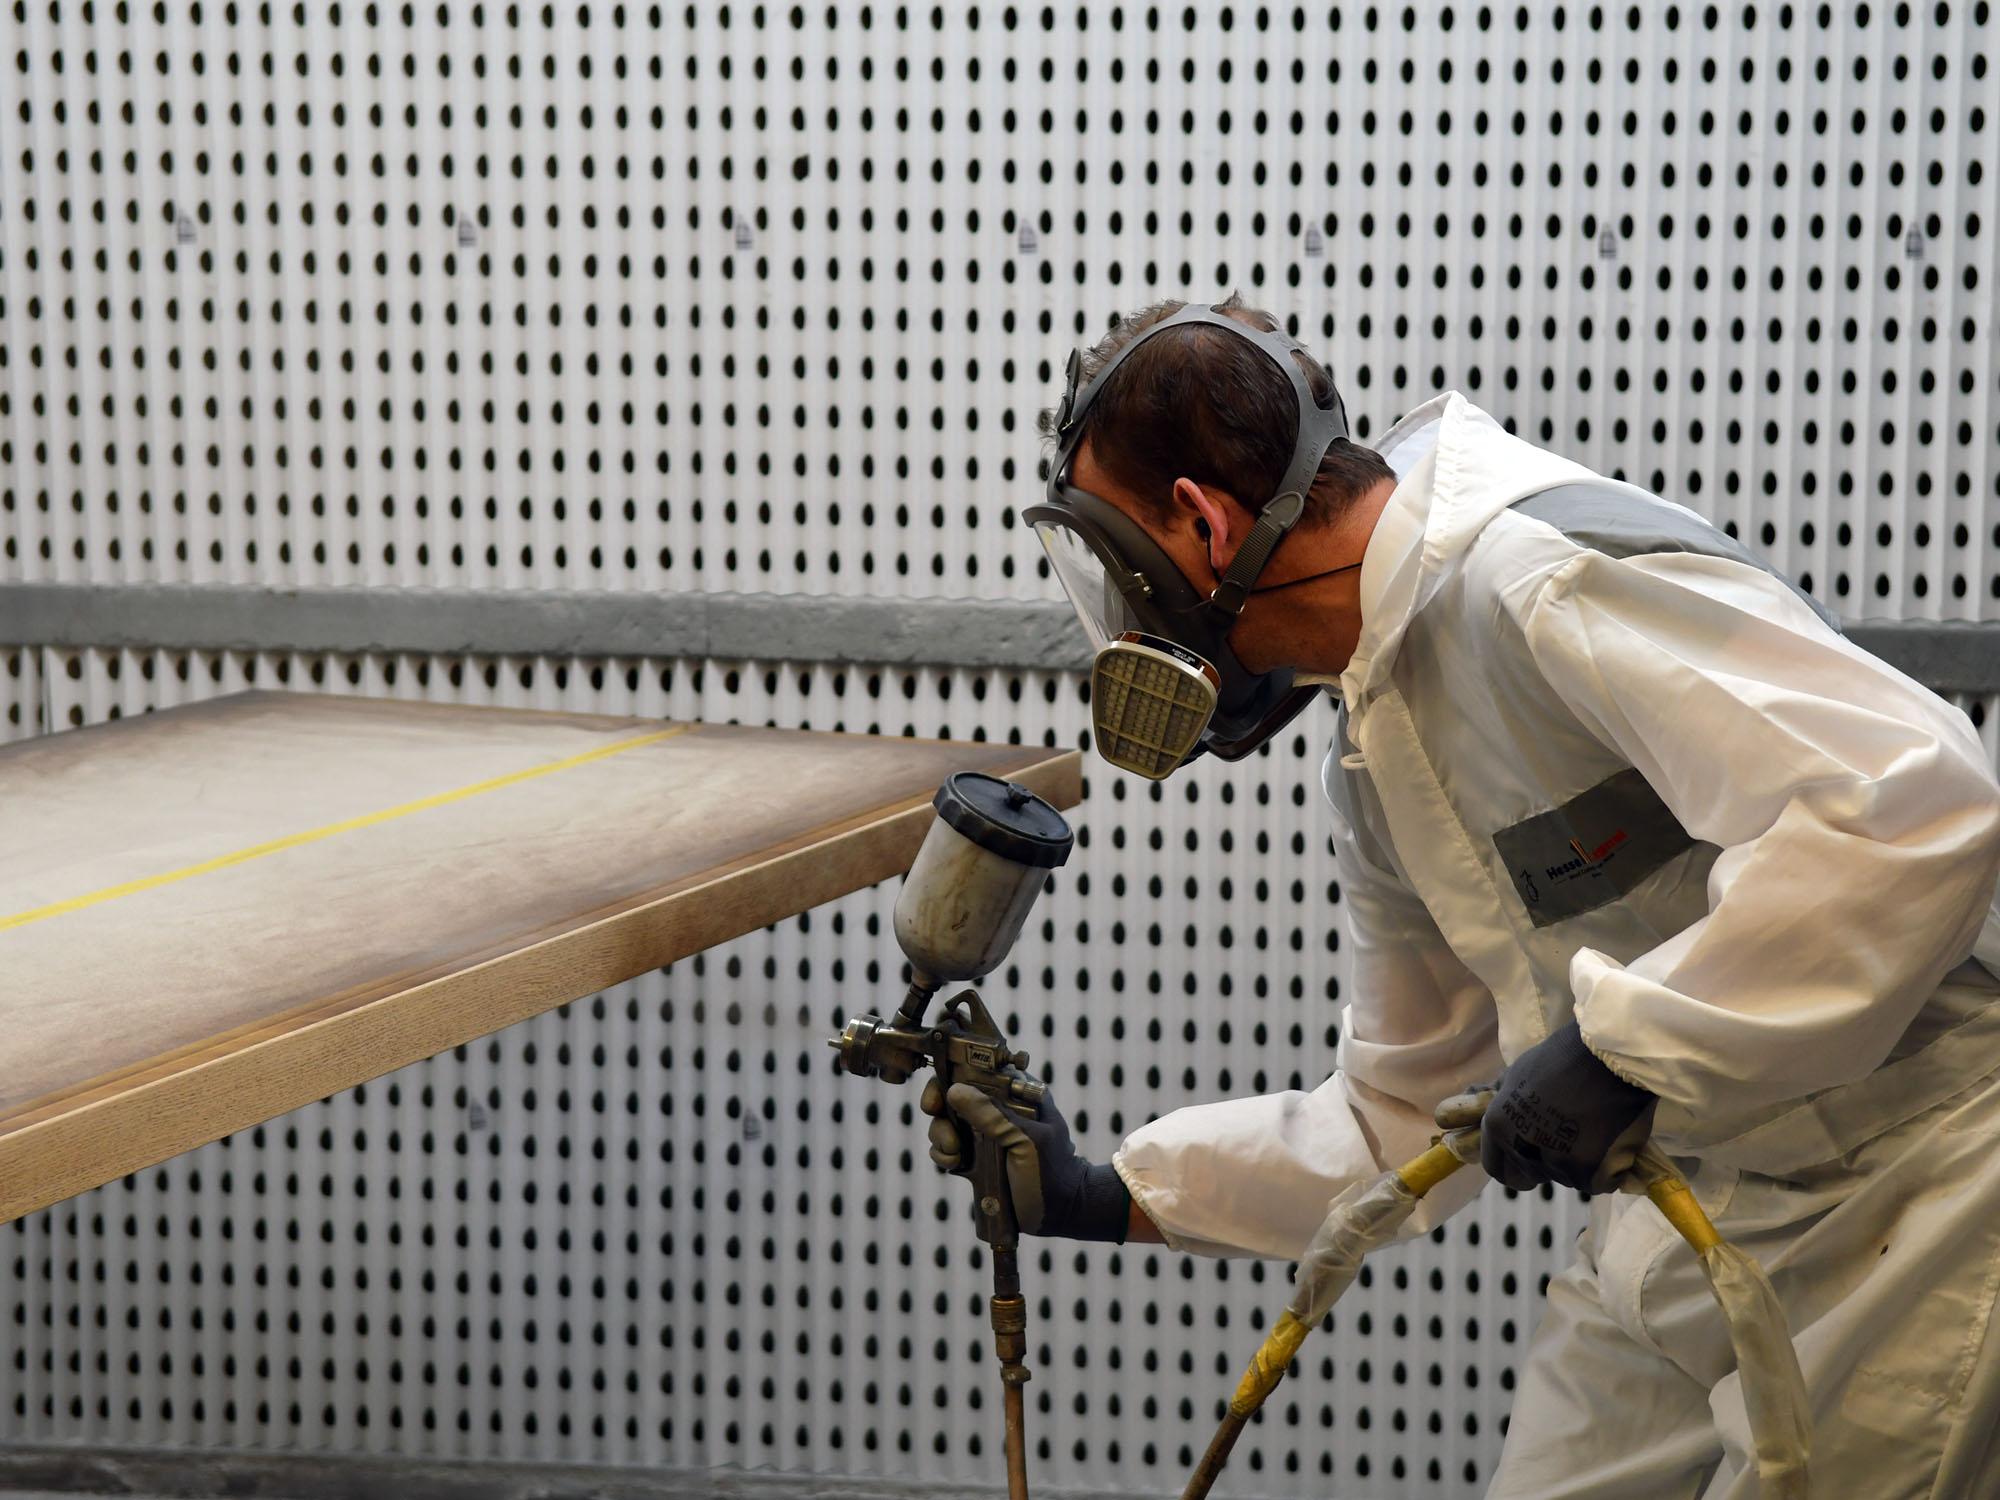 Het spuiten van panelen in de Castelijn fabriek in Roelofarendsveen